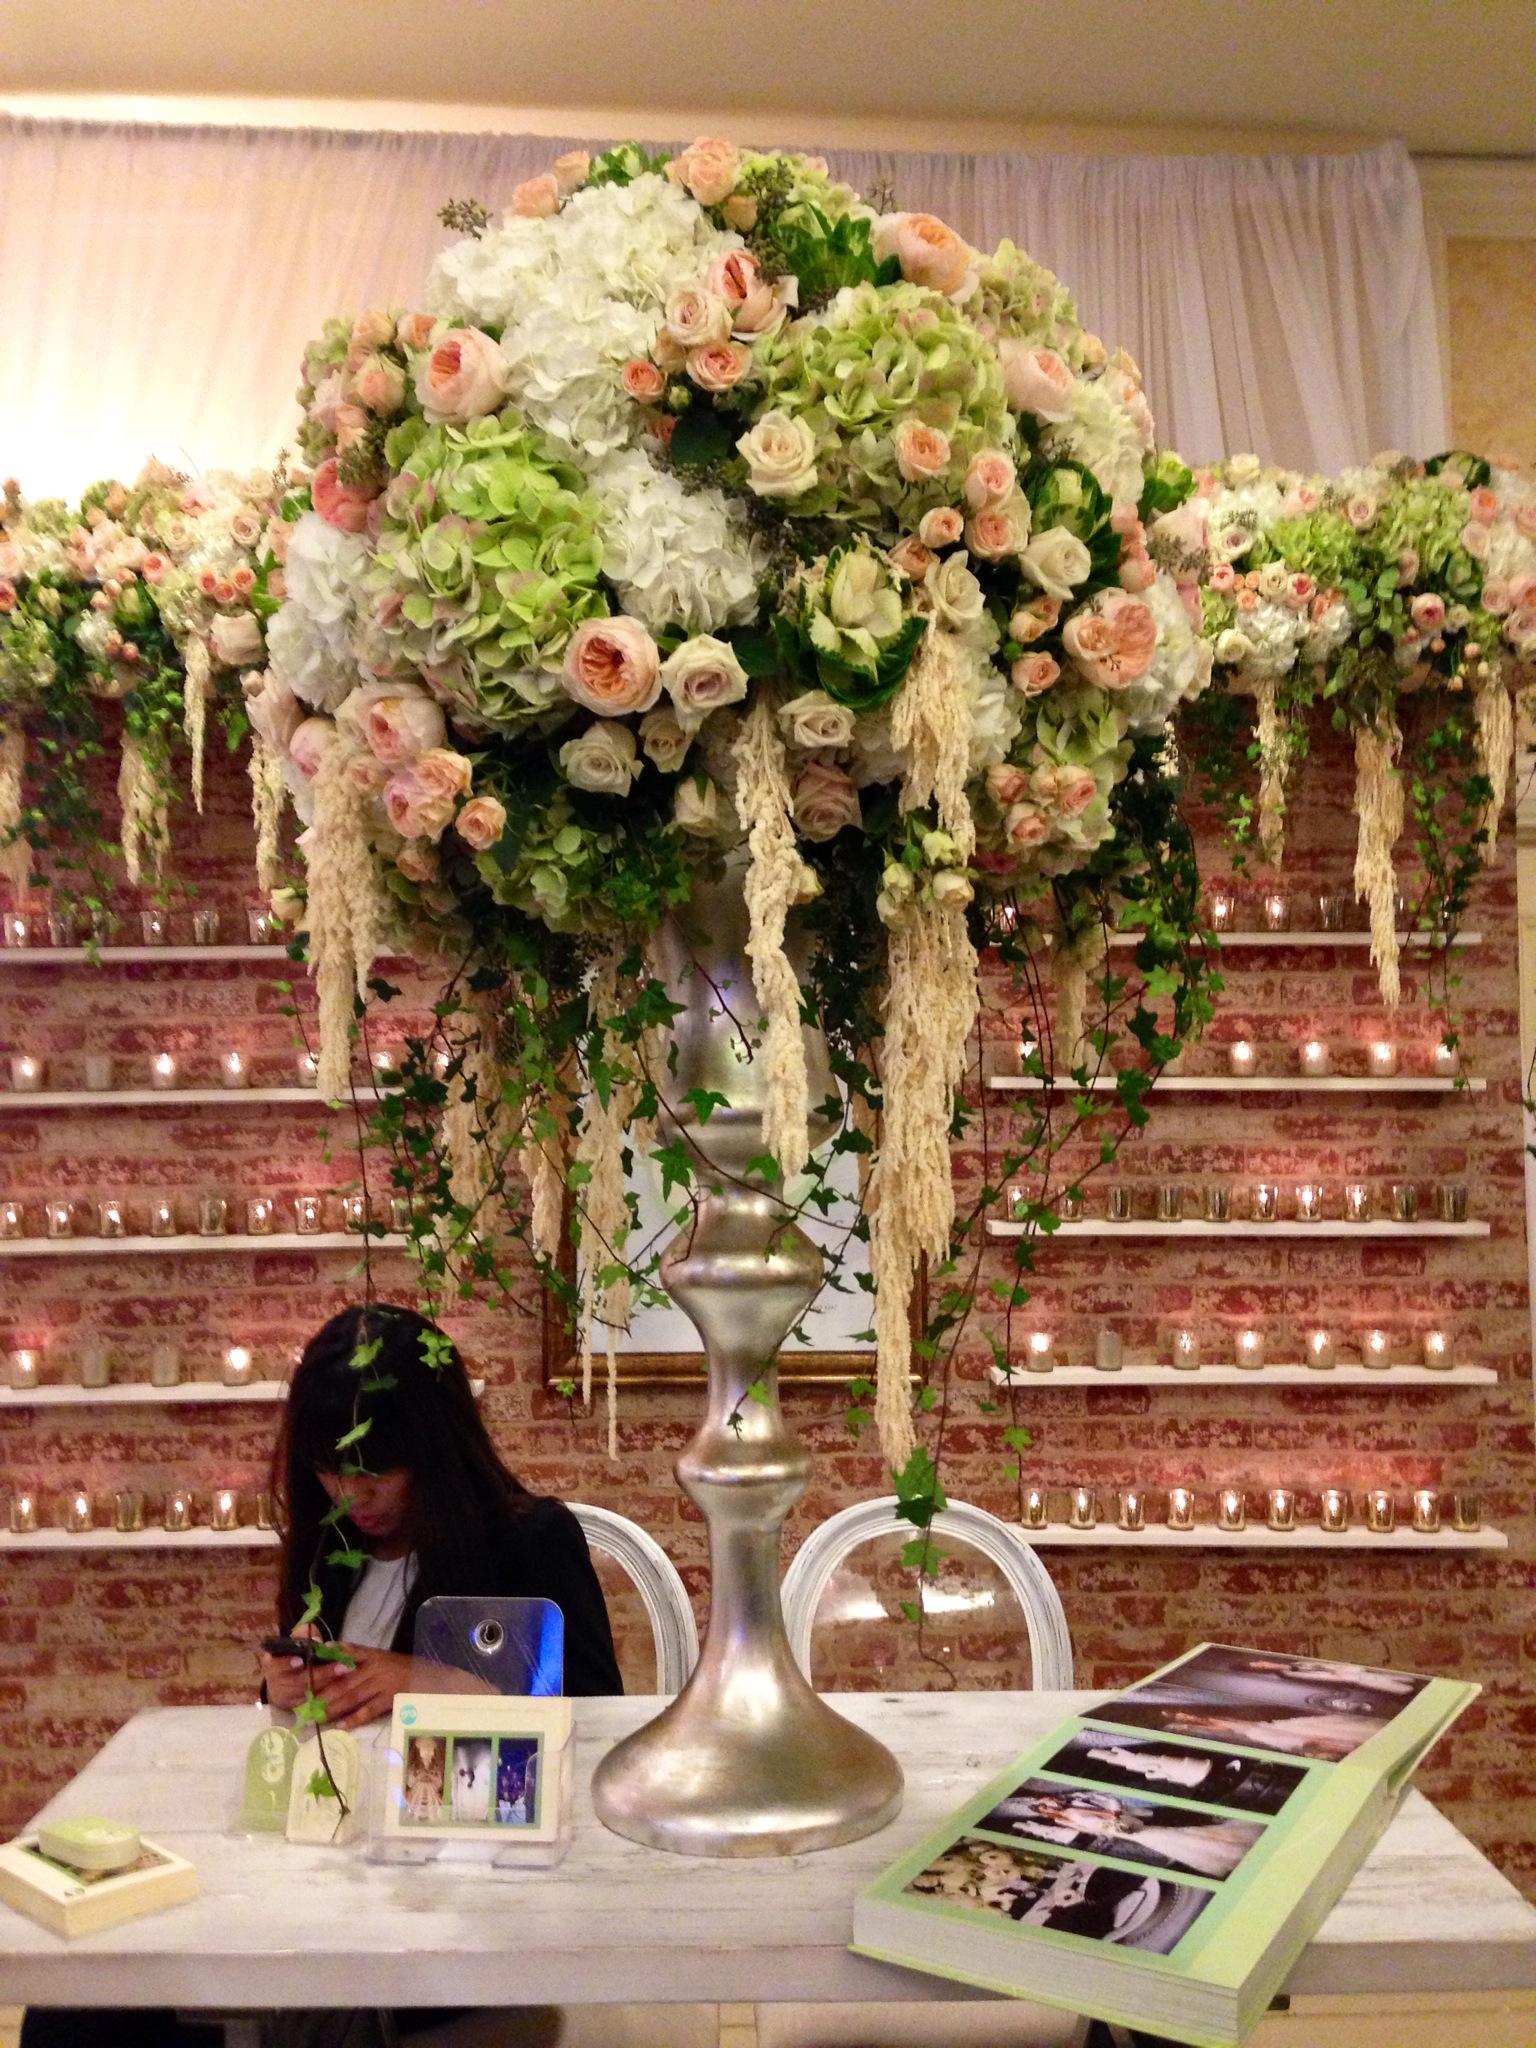 weddingdecor-wedluxeshow-torontoweddingplanner